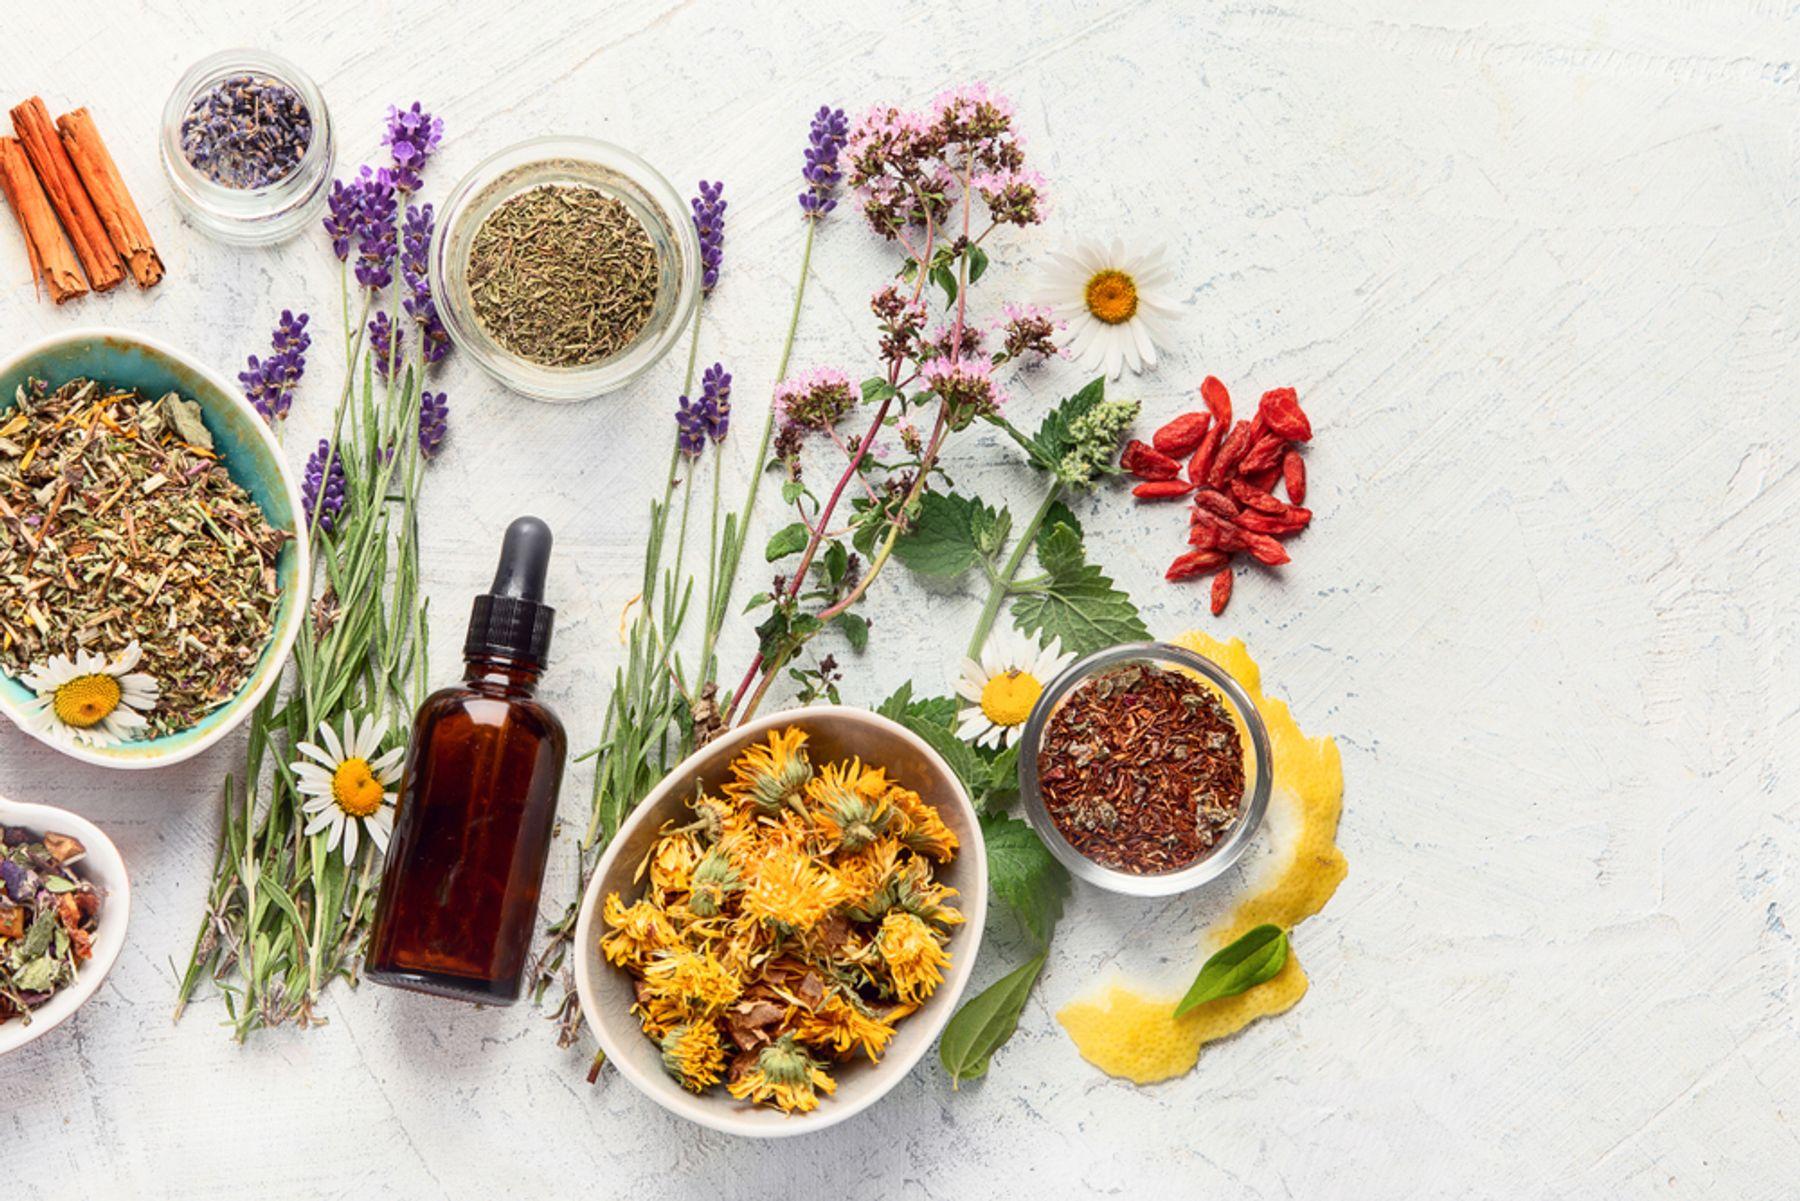 Lưu ý khi sử dụng và làm tinh dầu thơm tại nhà